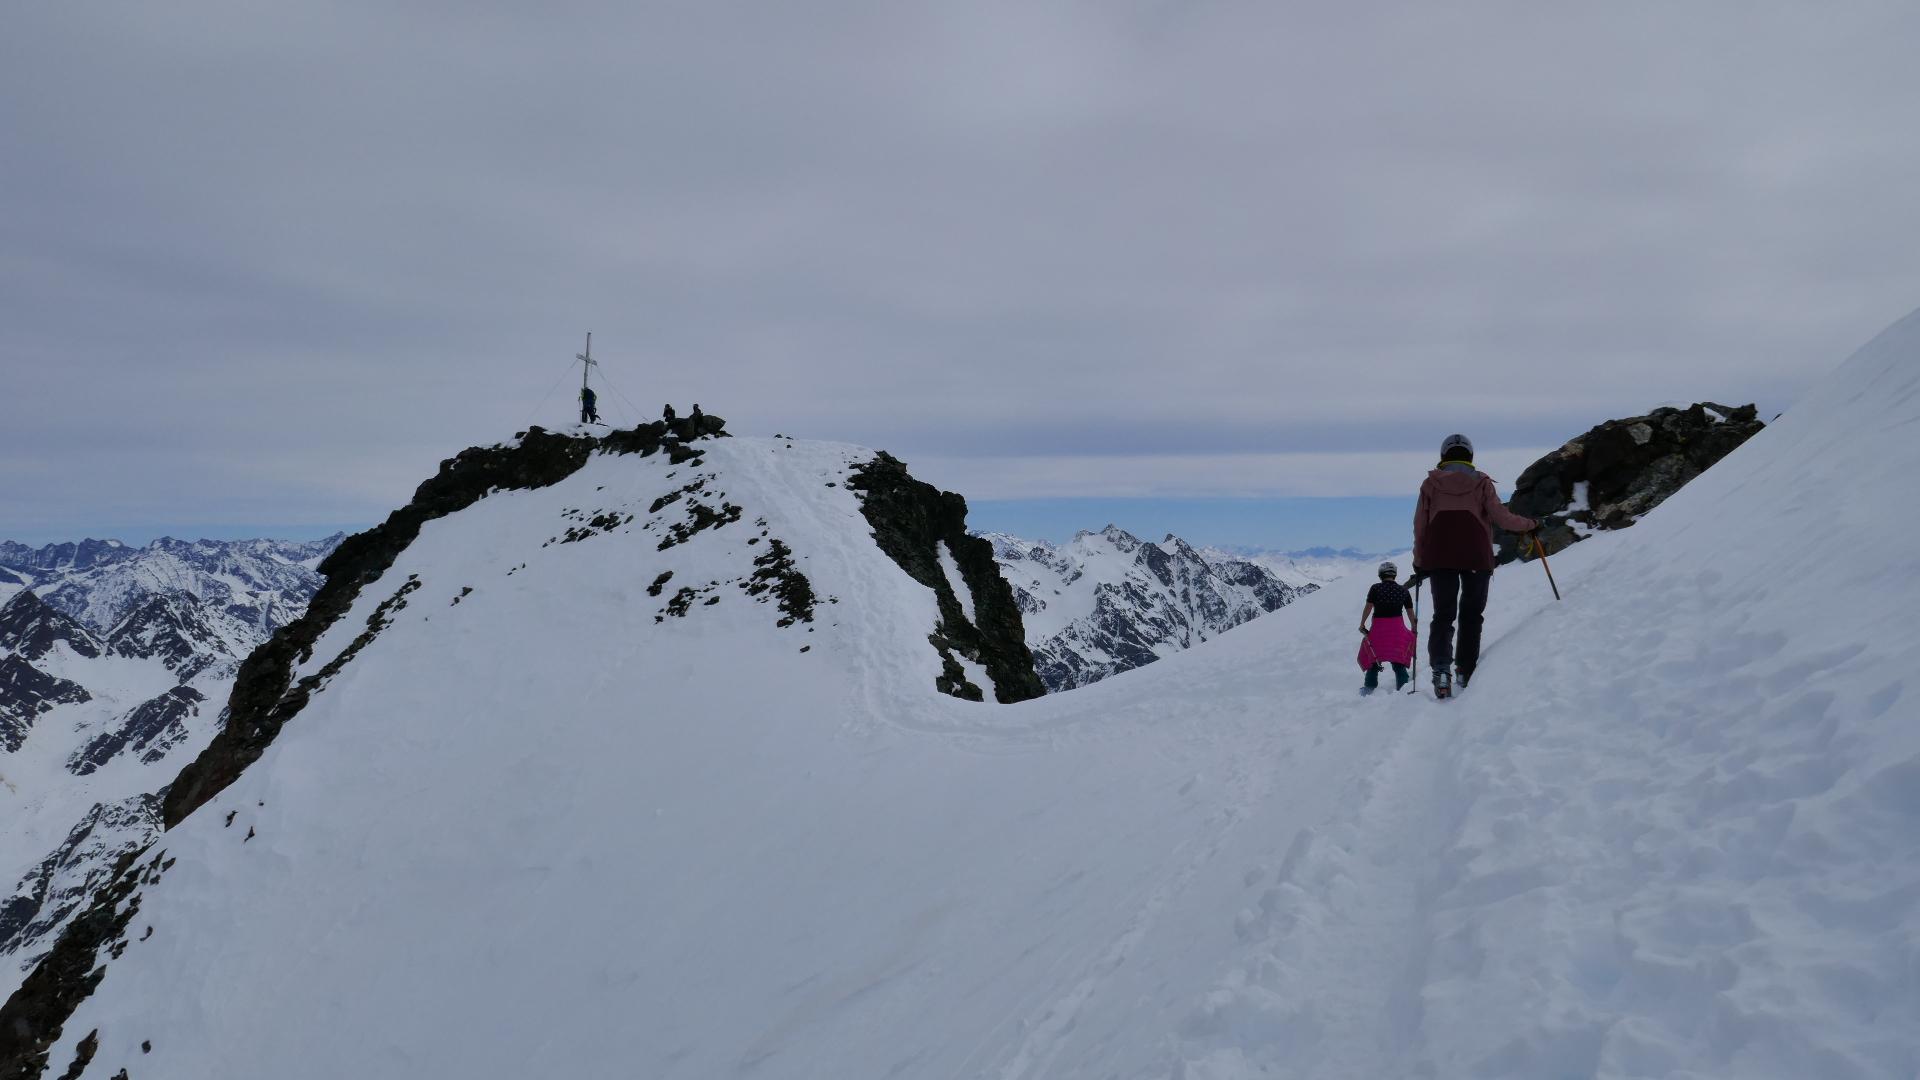 #787 Skitour Rofelewand